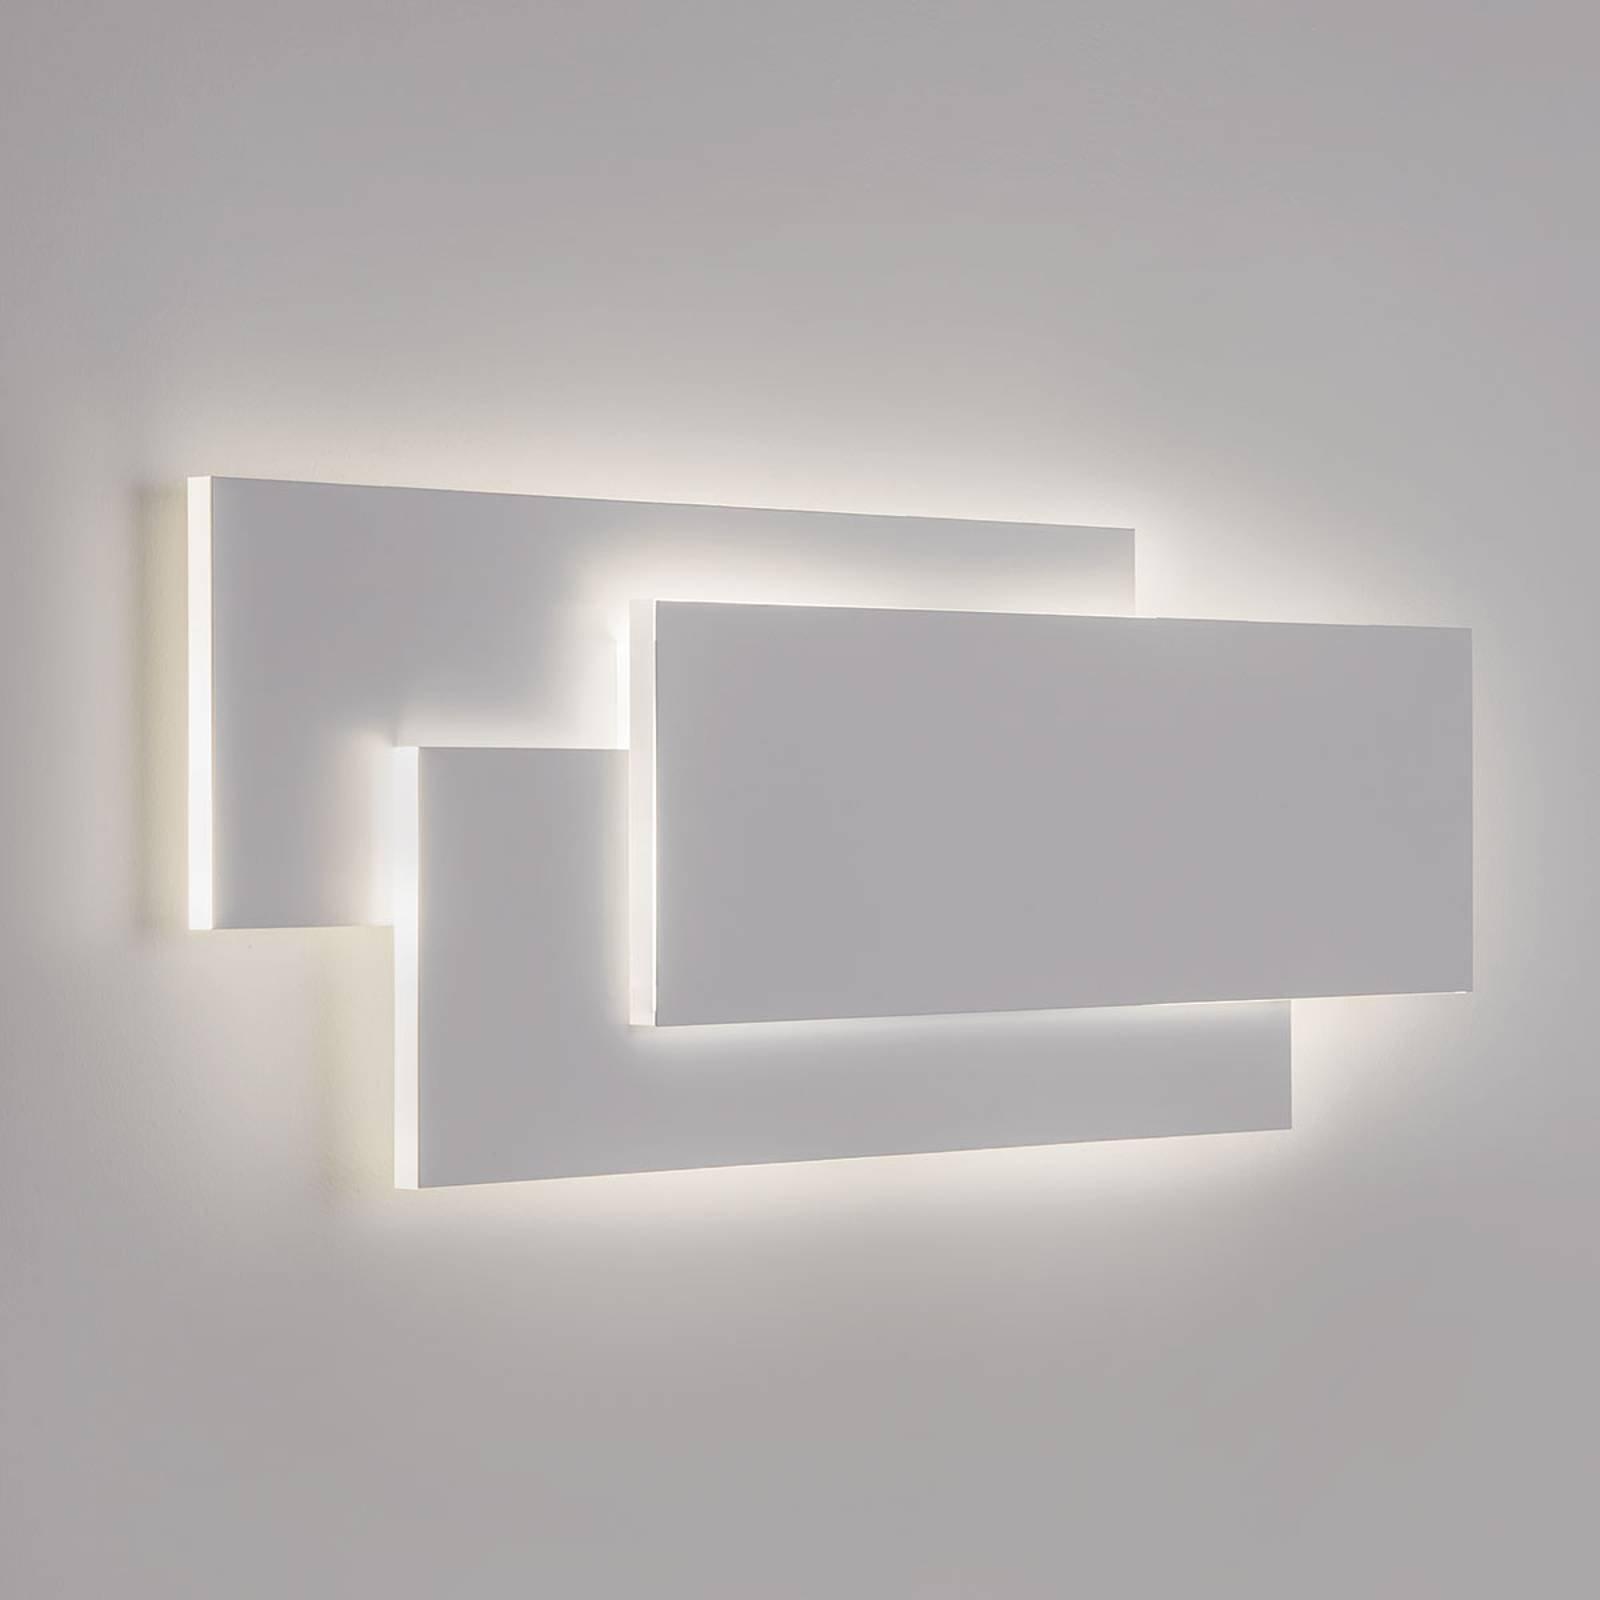 Toppmoderne LED-vegglampe Edge i hvitt